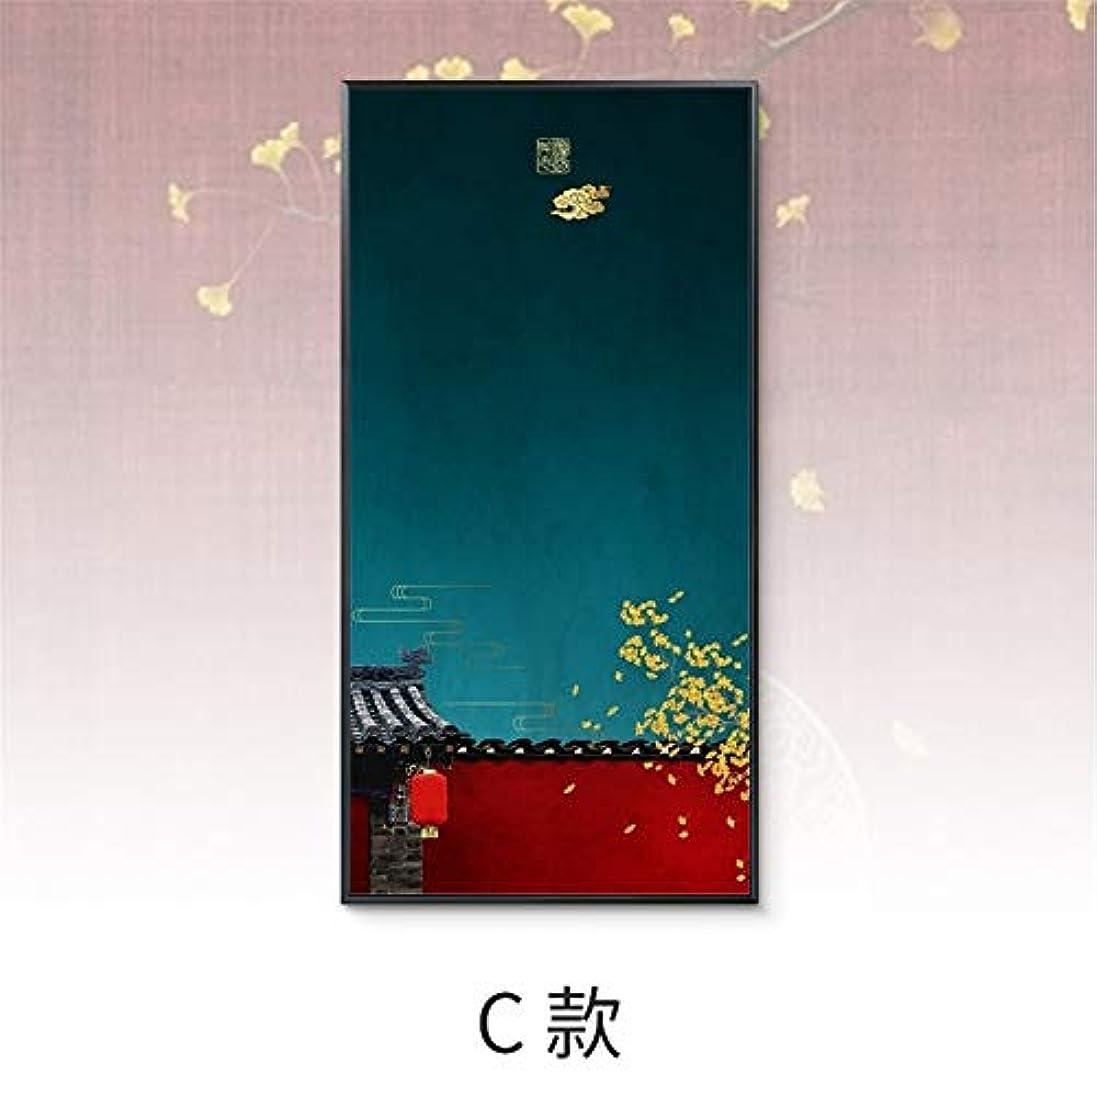 アブセイ基本的なはしご4ボトル ホワイト ゴールド シルバー ブラック専用スタンピングポリッシュ スタンプ ネイルカラー スタンピング マニキュアネイルアート